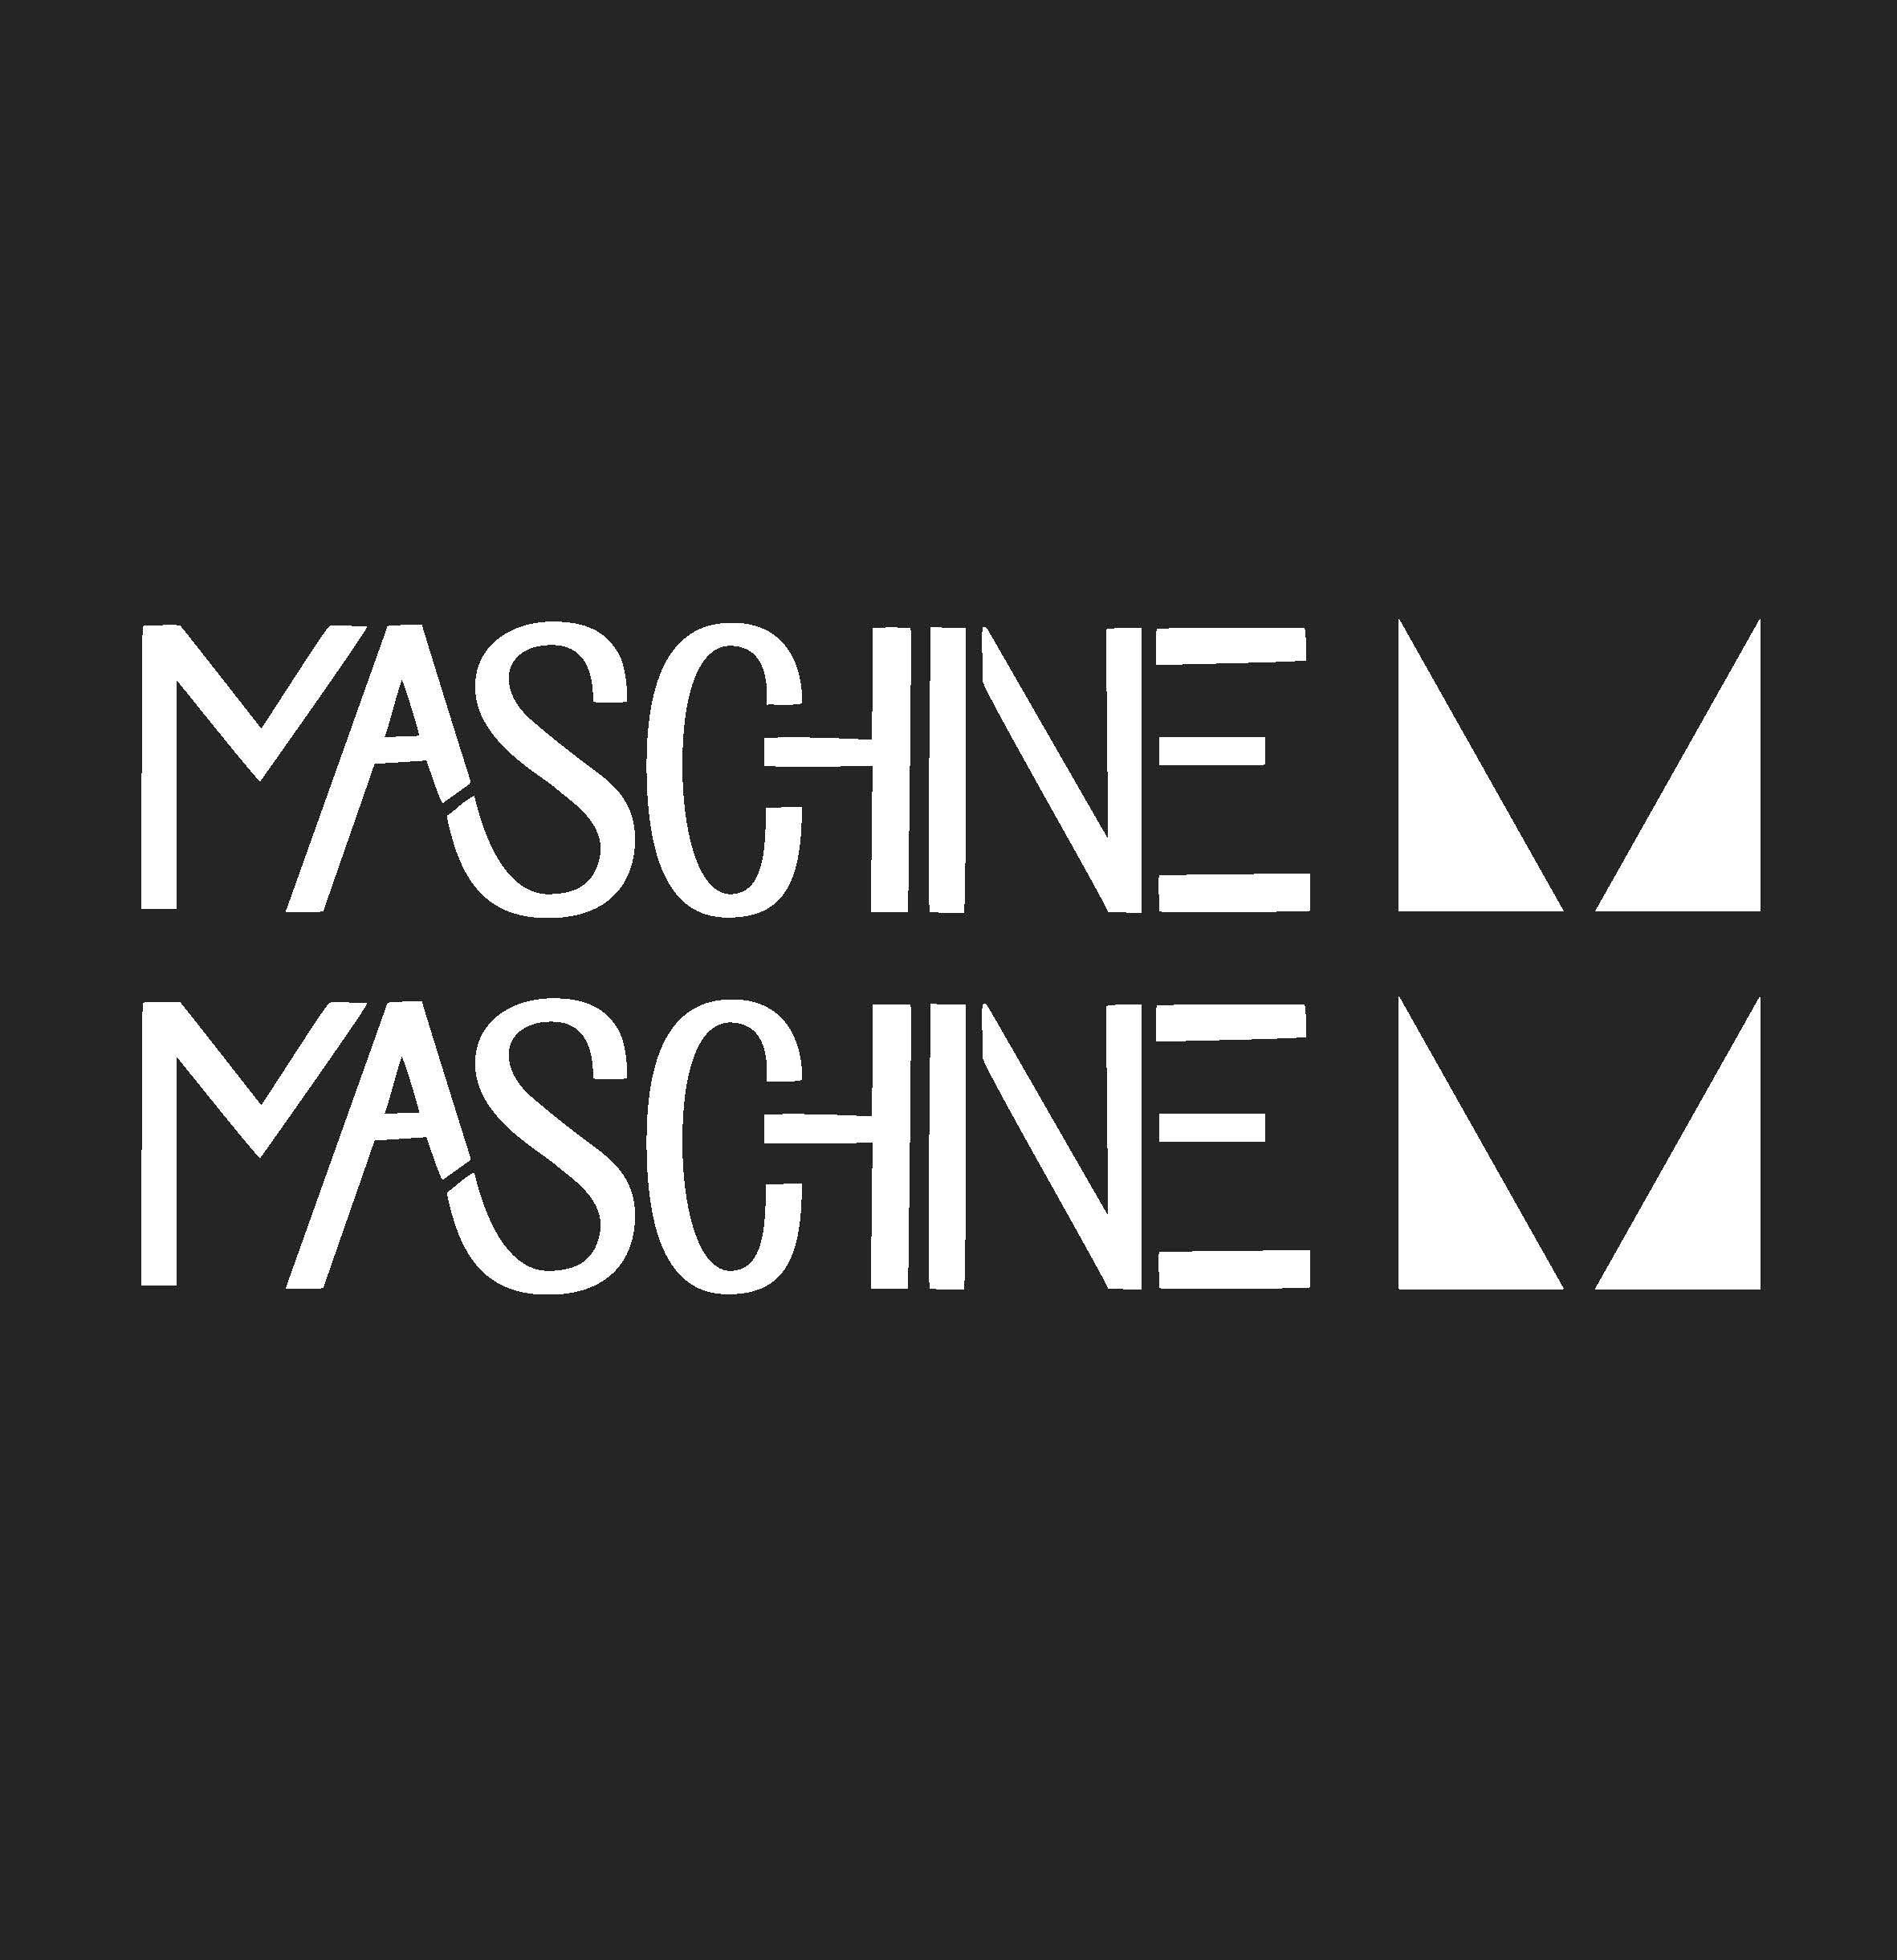 MaschineMaschine_Wortbildmarke